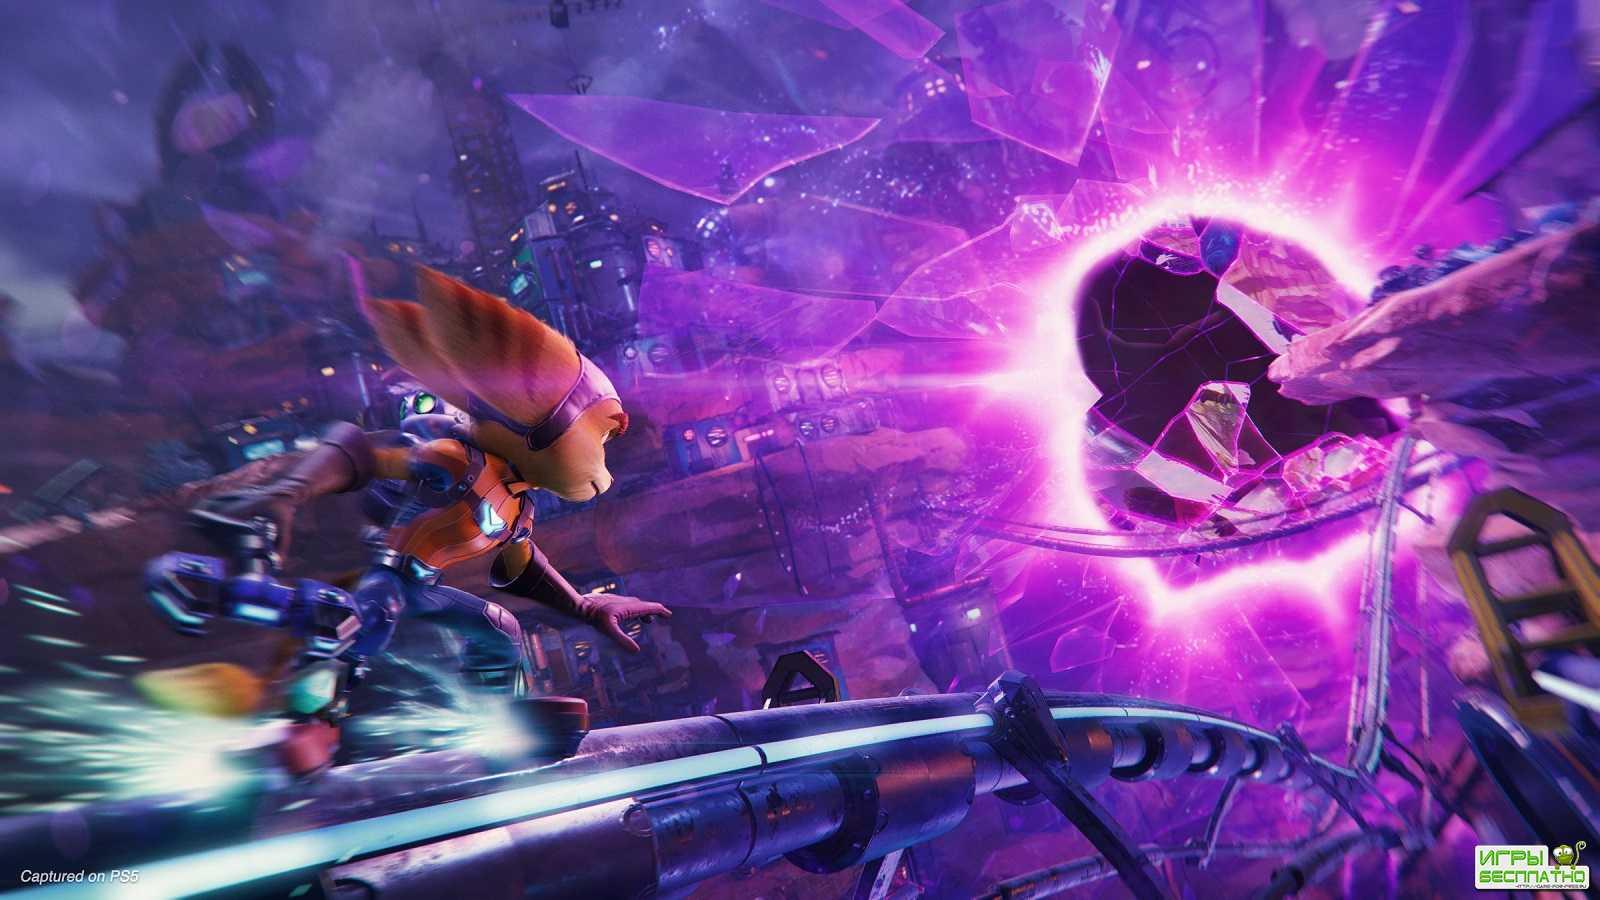 Компания Sony выпустила новый геймплейный трейлер Ratchet & Clank: Rift Apart